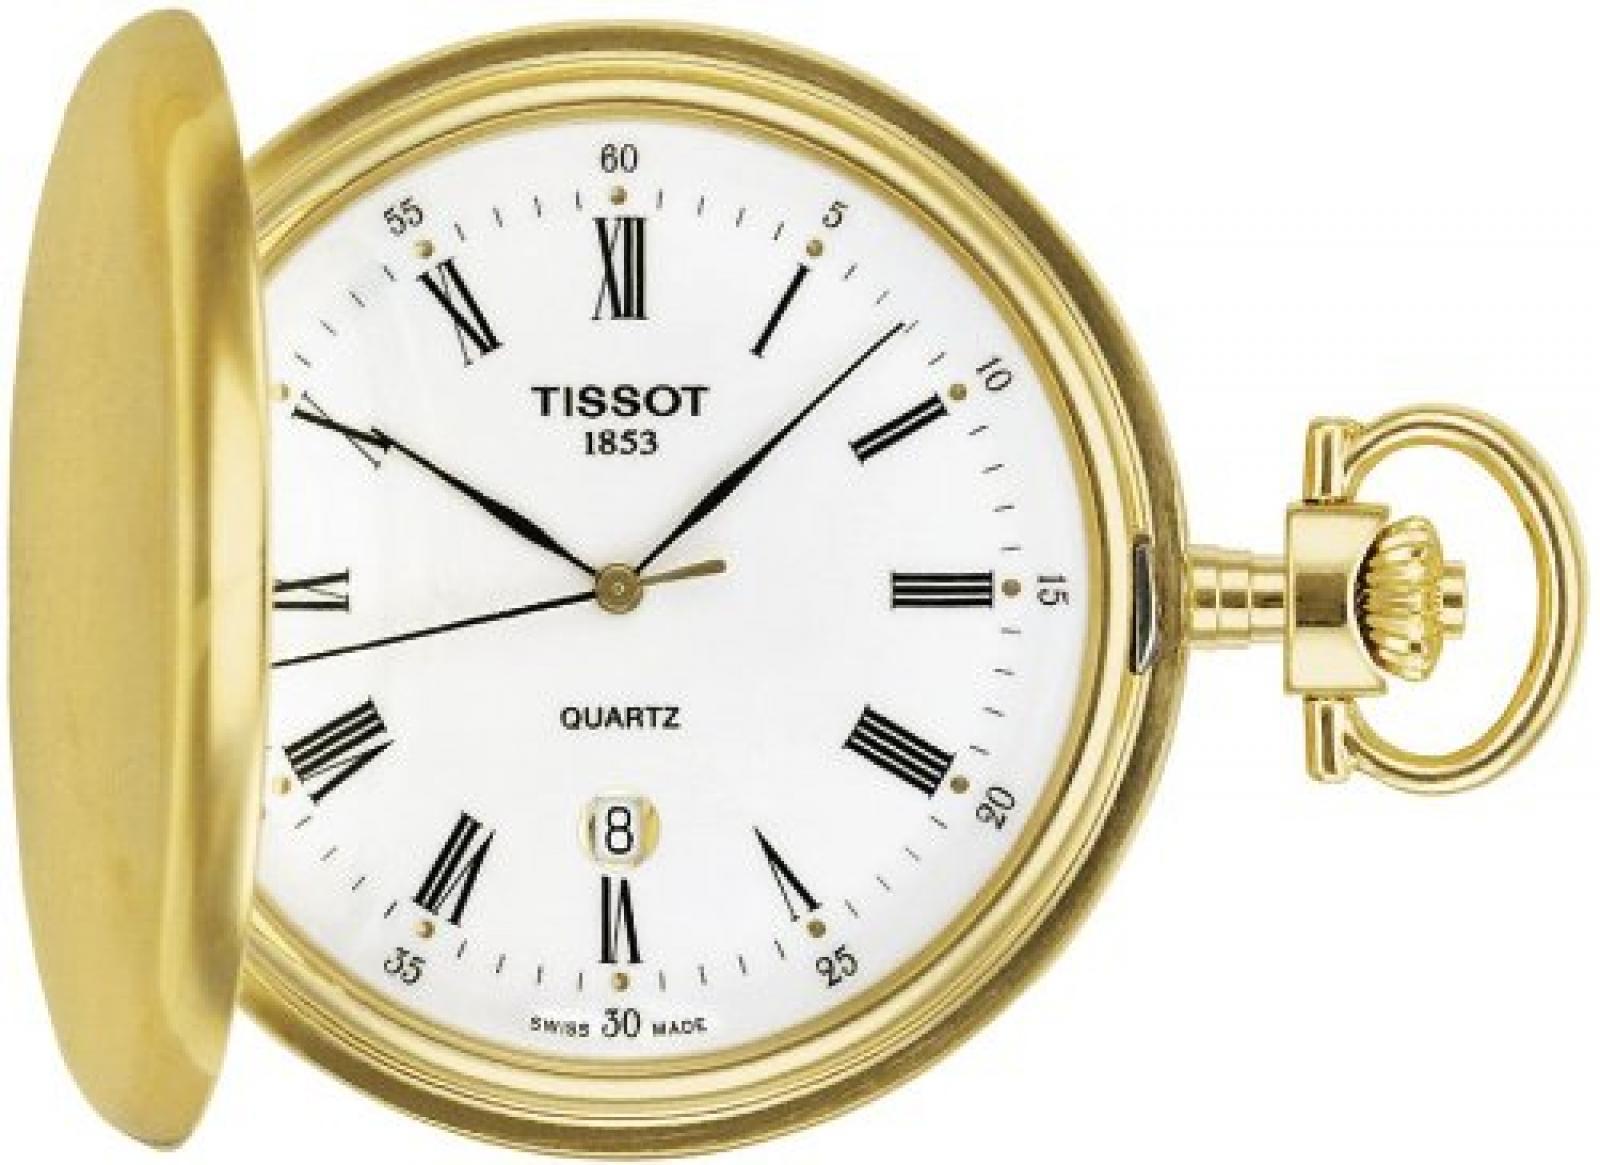 Tissot Taschenuhr quartz T83455313